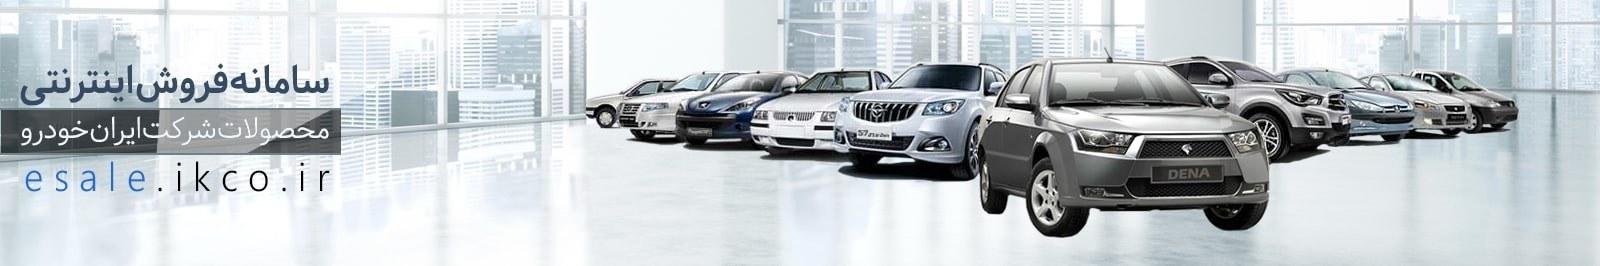 تصویر ثبت سفارش تضمینی ماشین در سایت ایران خودرو